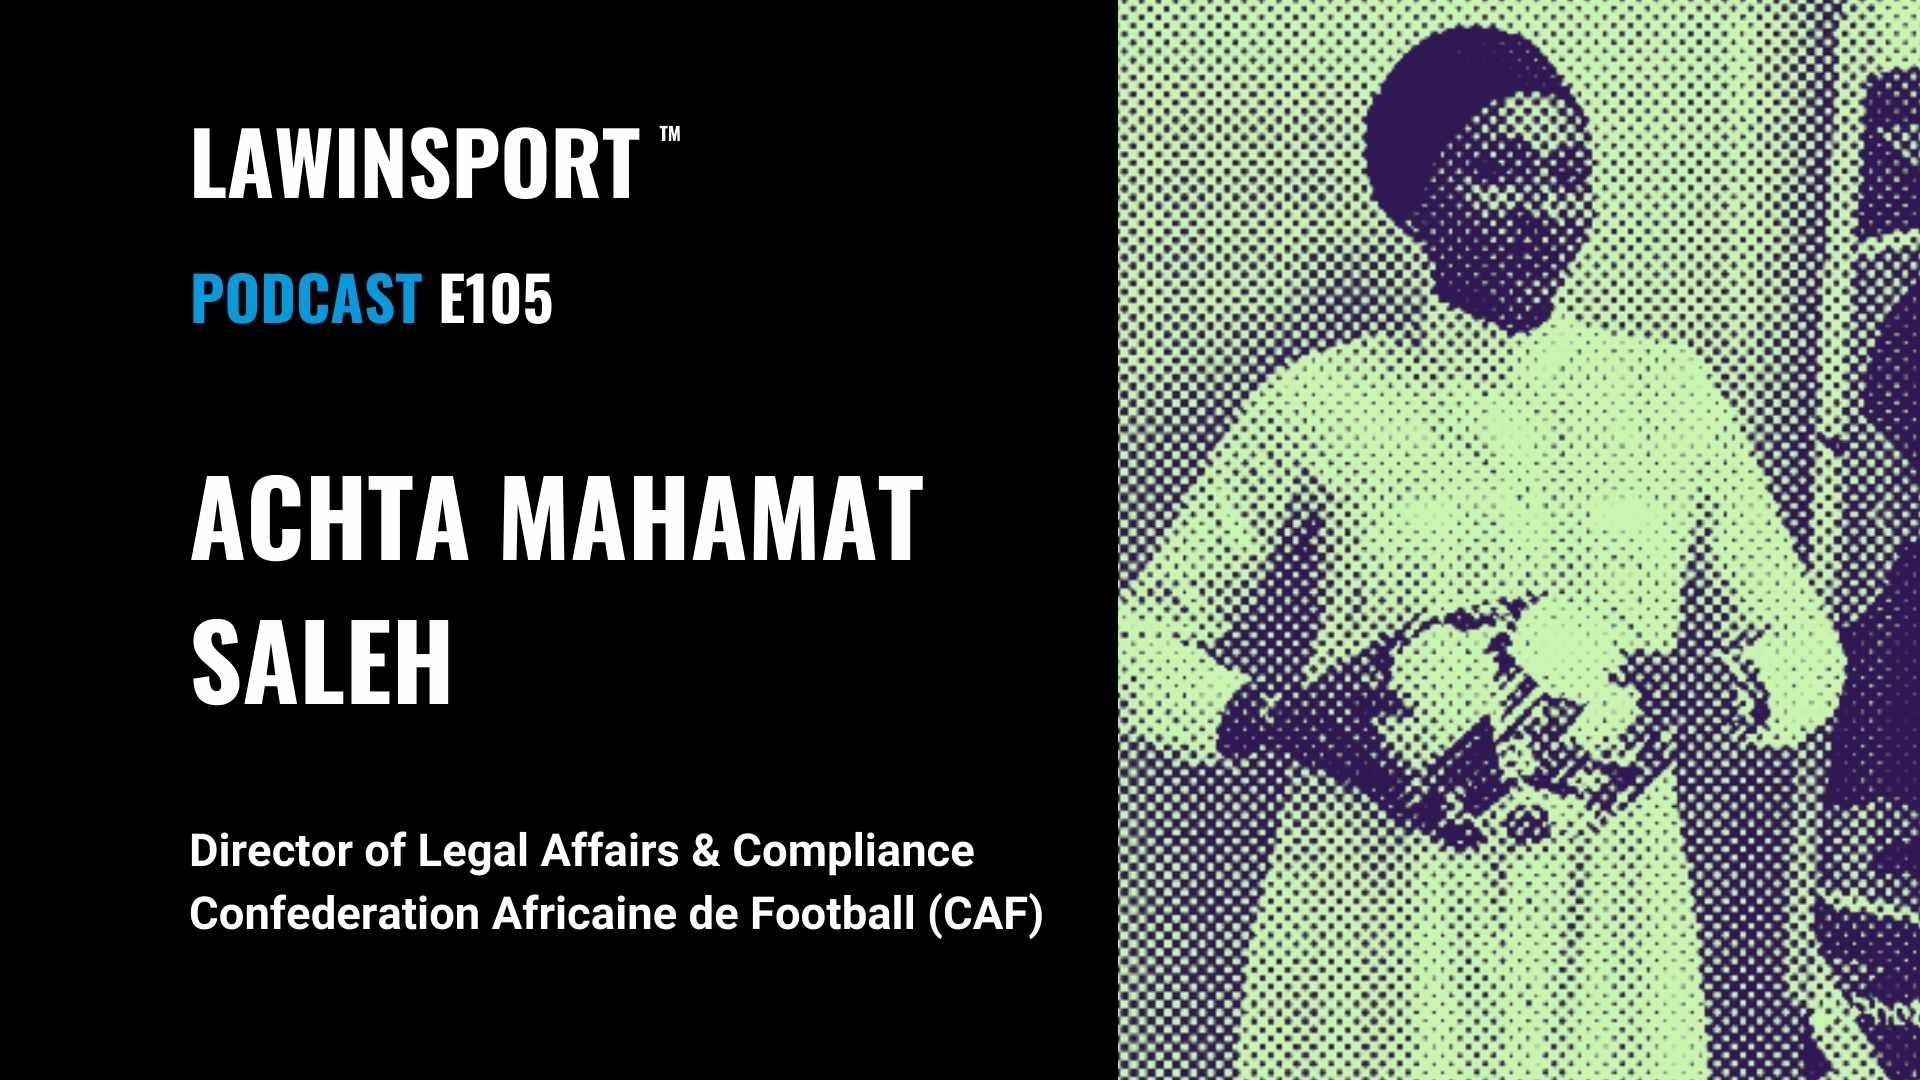 Achta Mahamat Saleh, Director of Legal Affairs & Compliance, CAF - E105